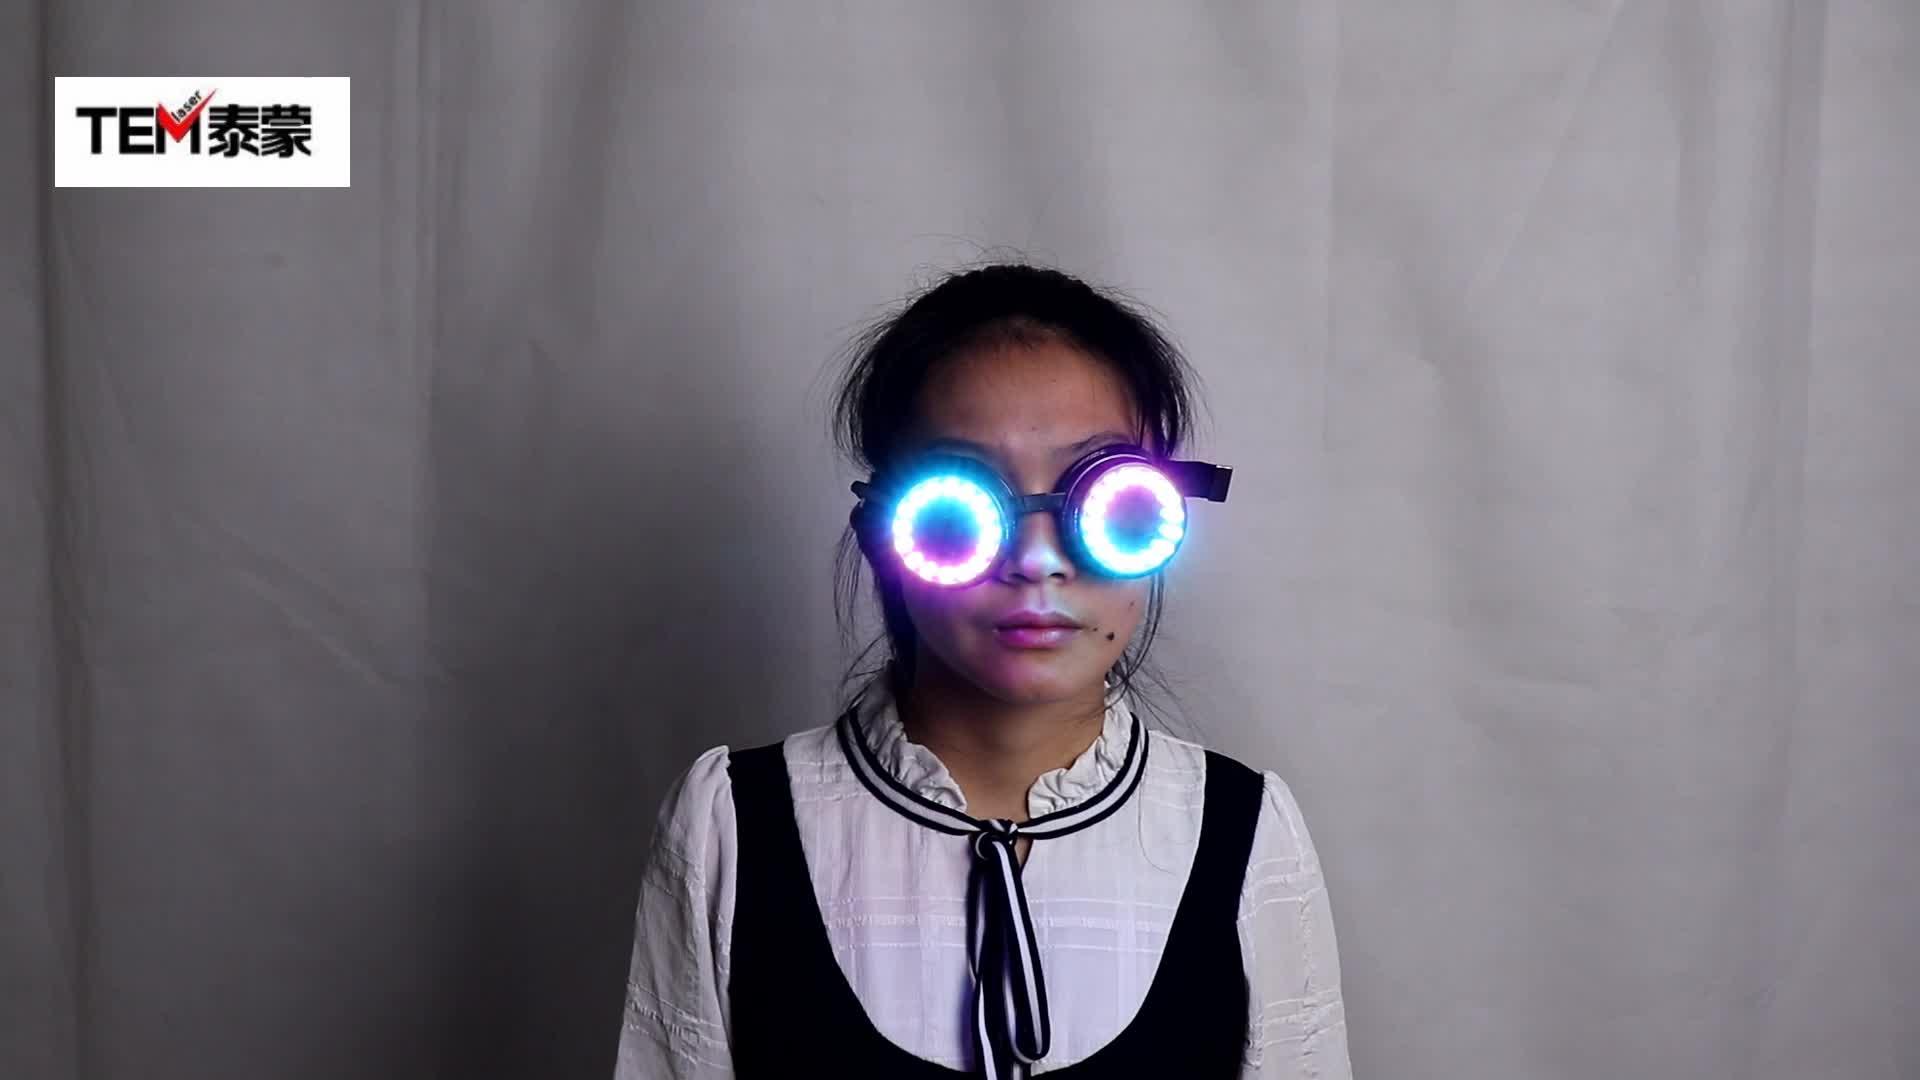 पैड के साथ पूर्ण रंग पिक्सेल लेजर चश्में चश्मा का नेतृत्व किया तीव्र बहु-रंग का 350 मोड बड़बड़ाना EDM